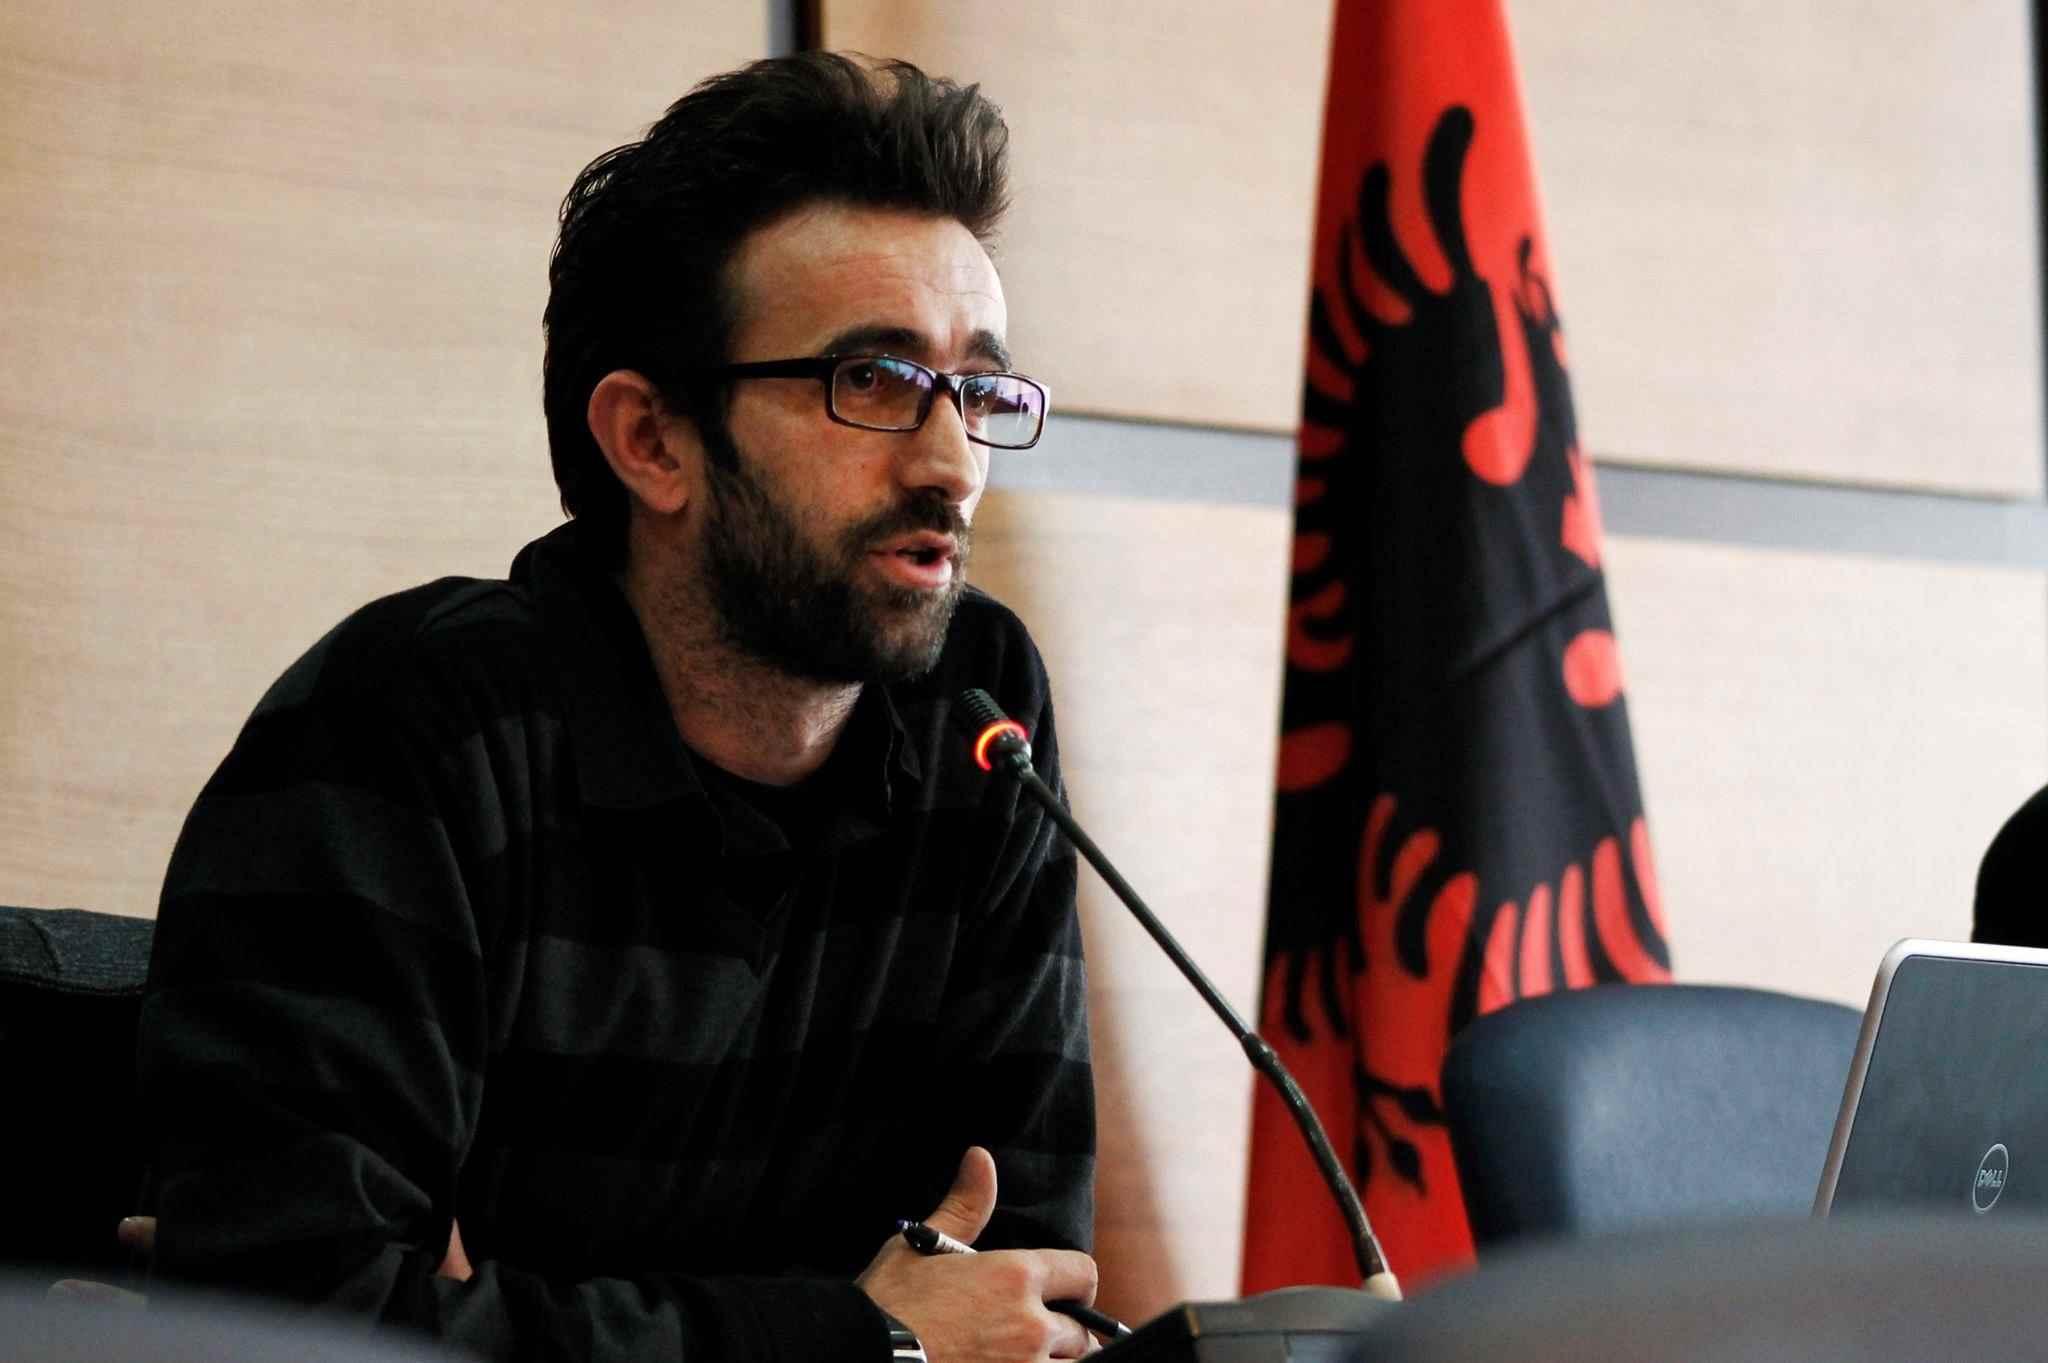 Vetëmashtrimet rrënuese të shqiptarëve - 5. Zgjidhja dhe shpëtimi nga vetëmashtrimi ynë